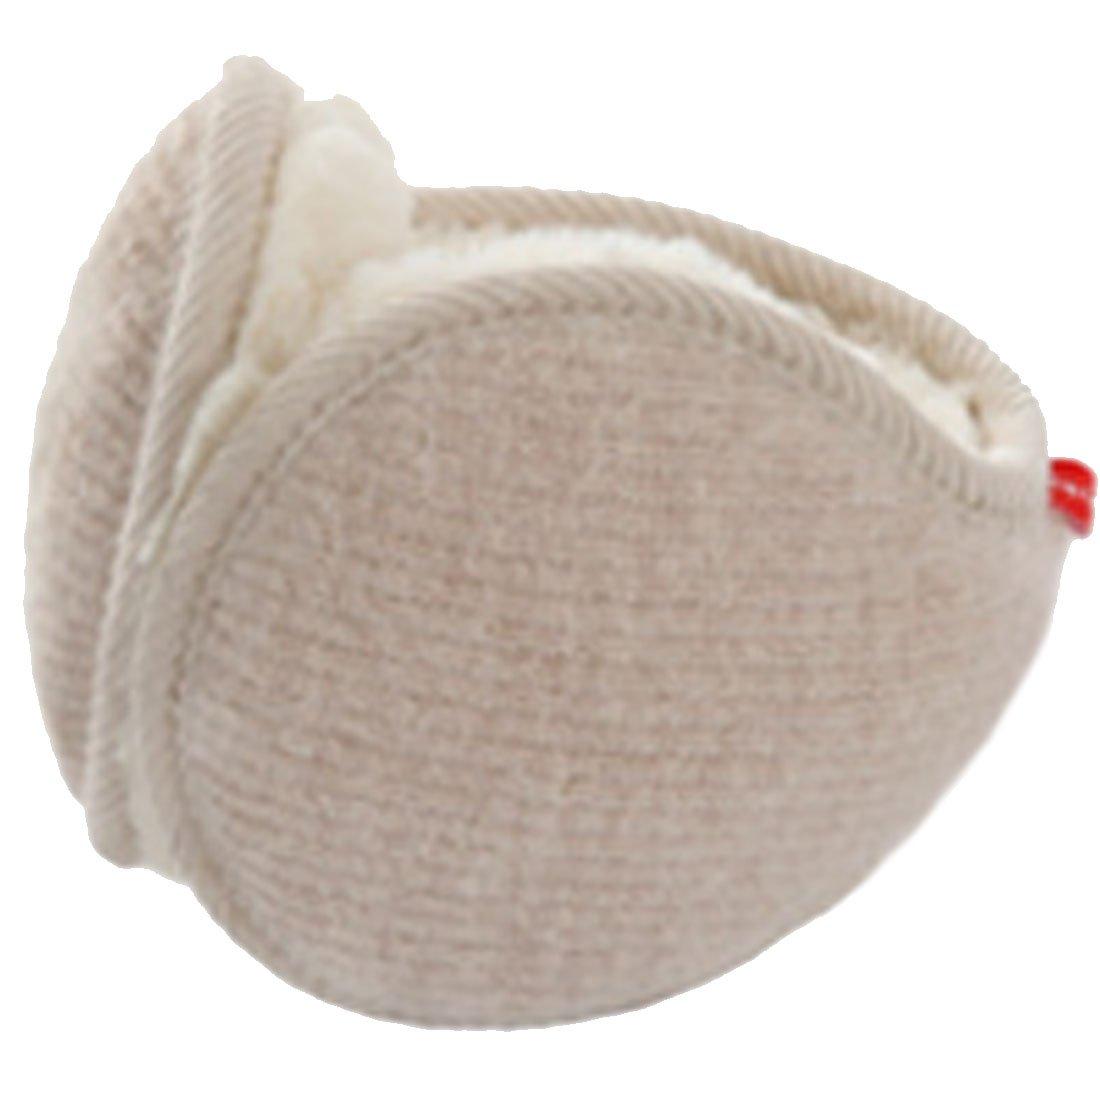 LerBen Unisex Knit Adjustable Wrap around Ear Muffs Winter Warm Fur Ear Warmers